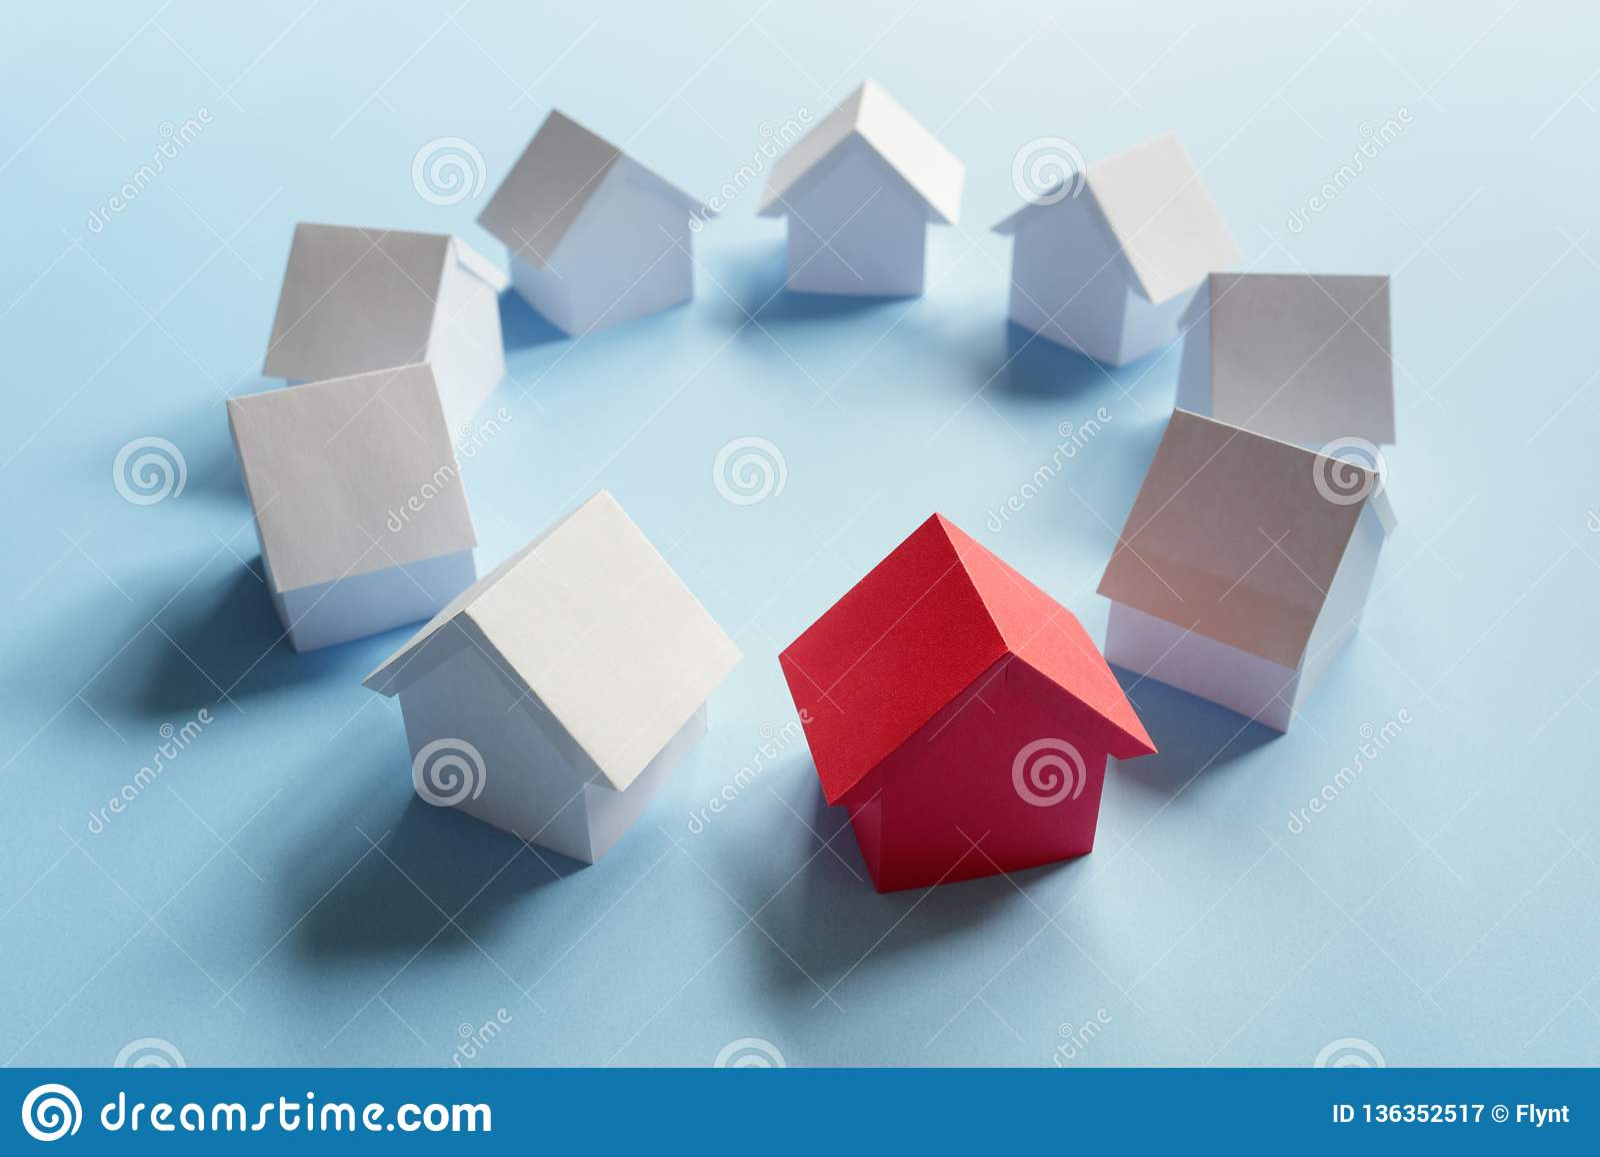 Procurando pela propriedade dos bens imobiliários, pela casa ou pela casa nova